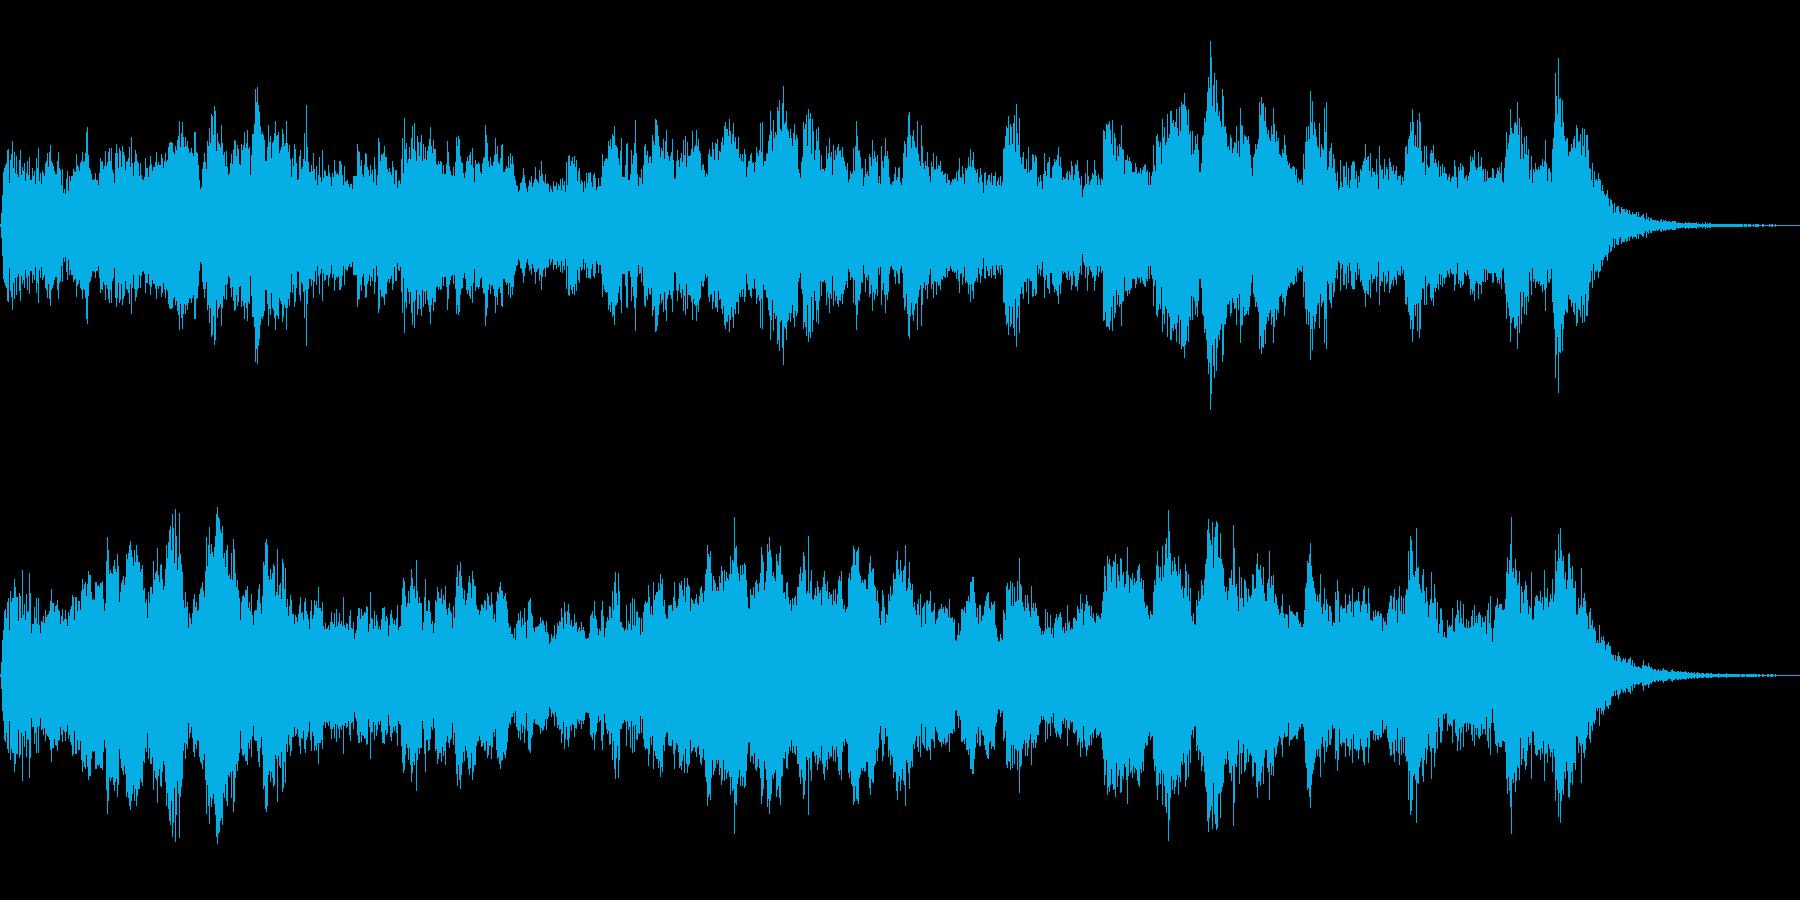 サスペンス系のオーケストラBGMの再生済みの波形